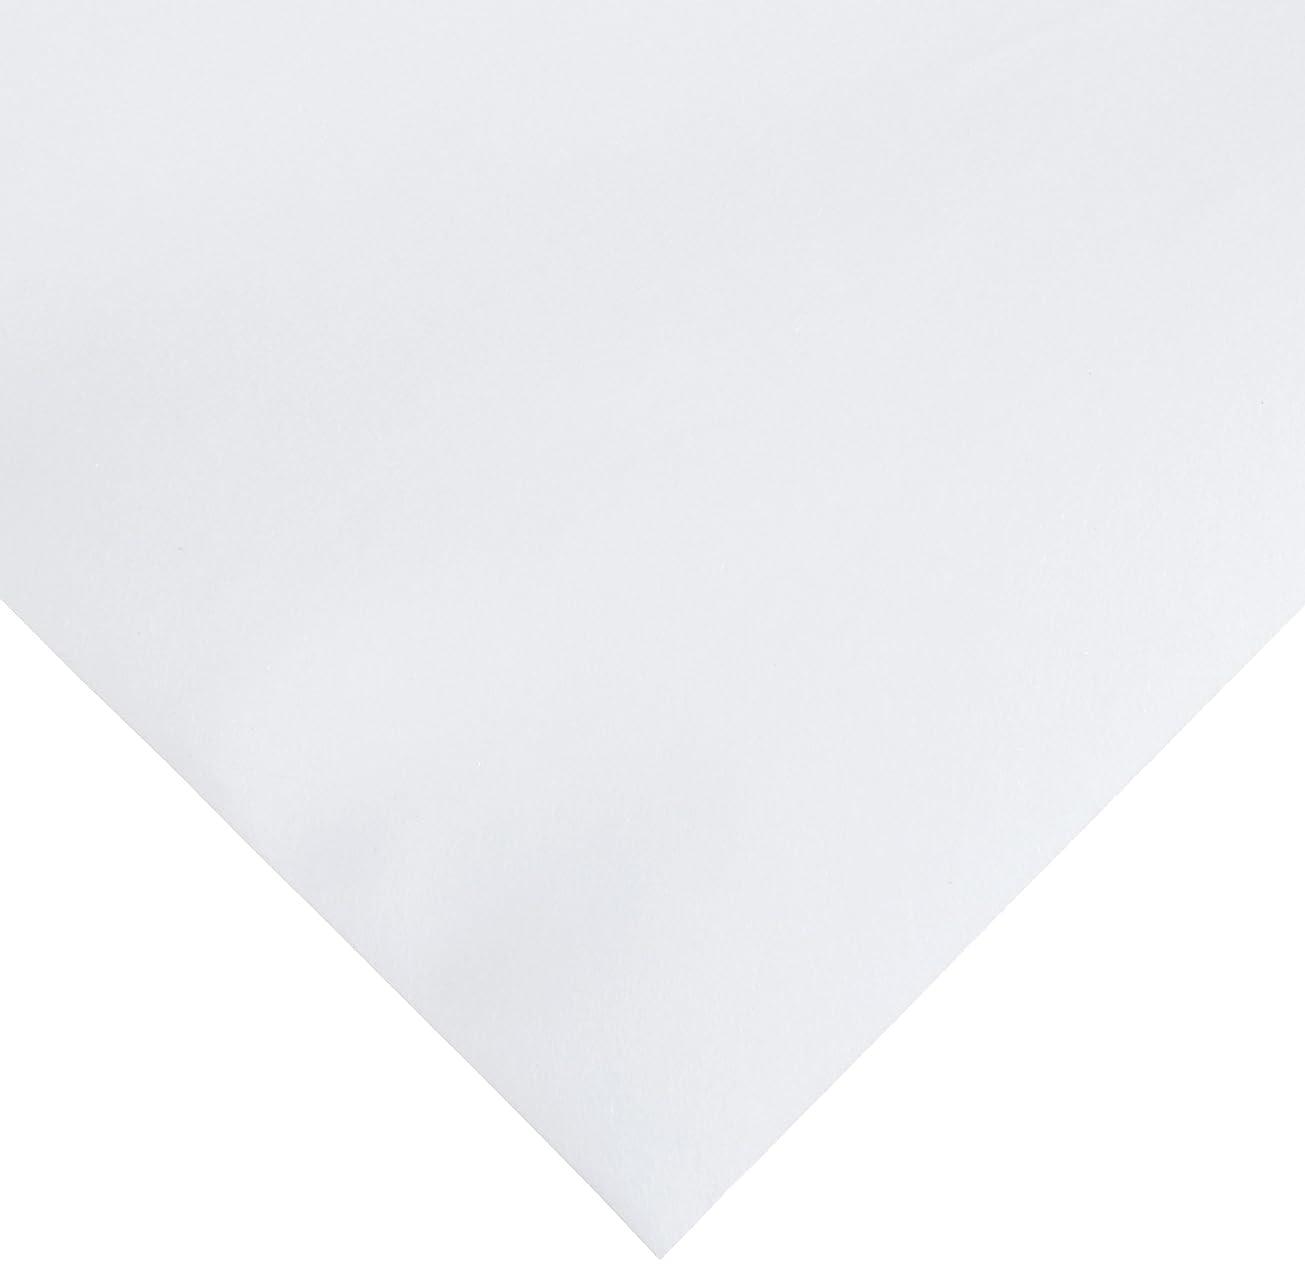 会議名義で服を着るリンテックコマース 10倍強い障子紙 94cmX3.6m 無地 SOJ-132